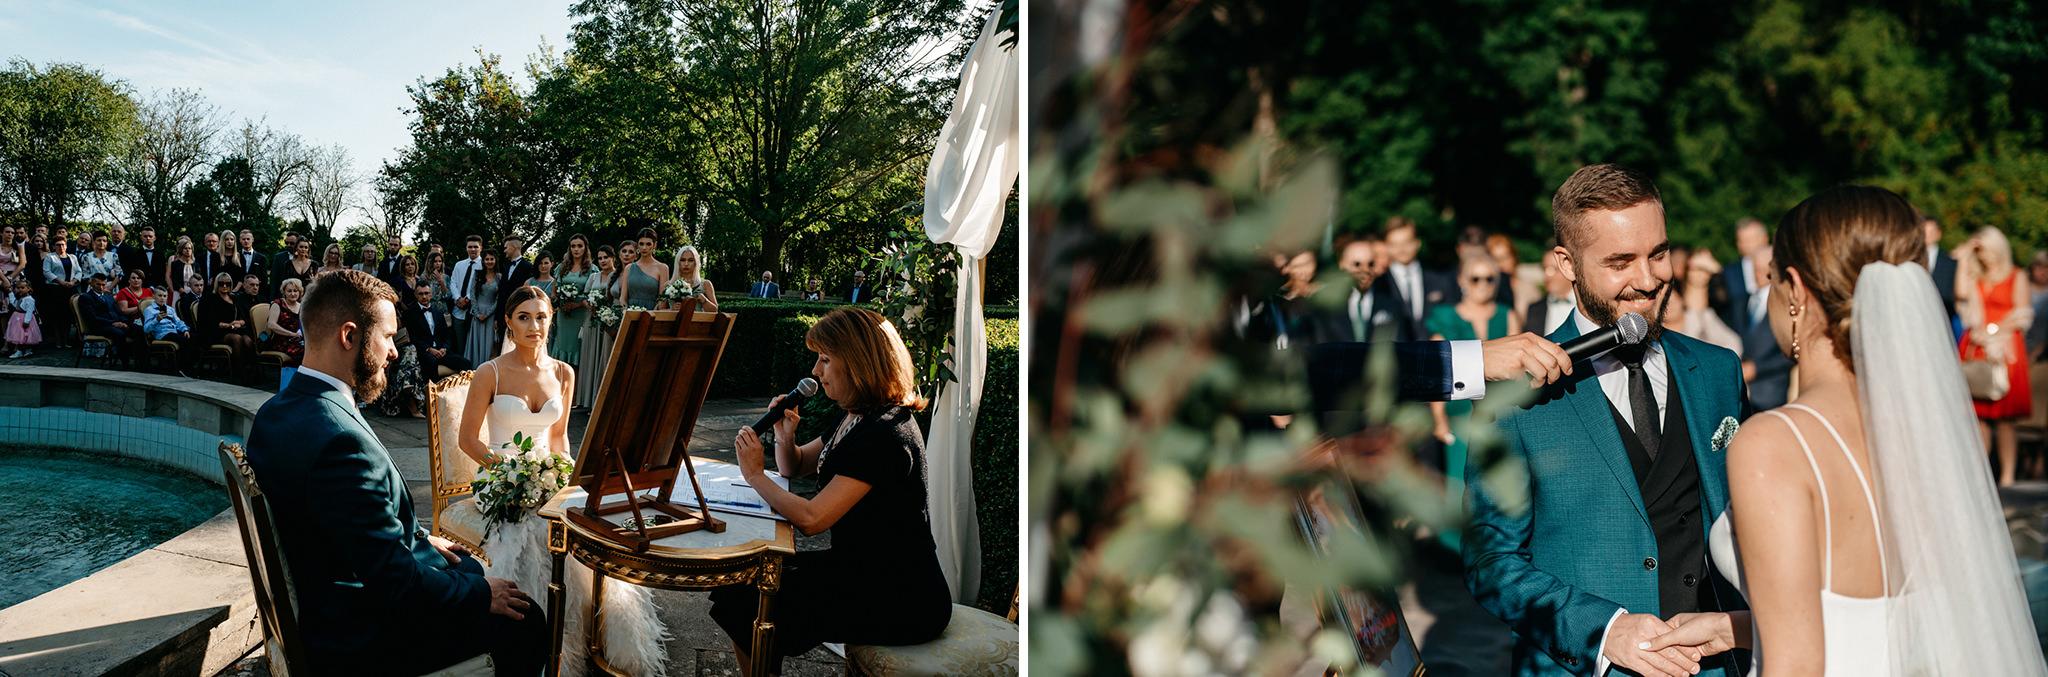 Plenerowy ślub na Zamku w Baranowie Sandomierskim 90